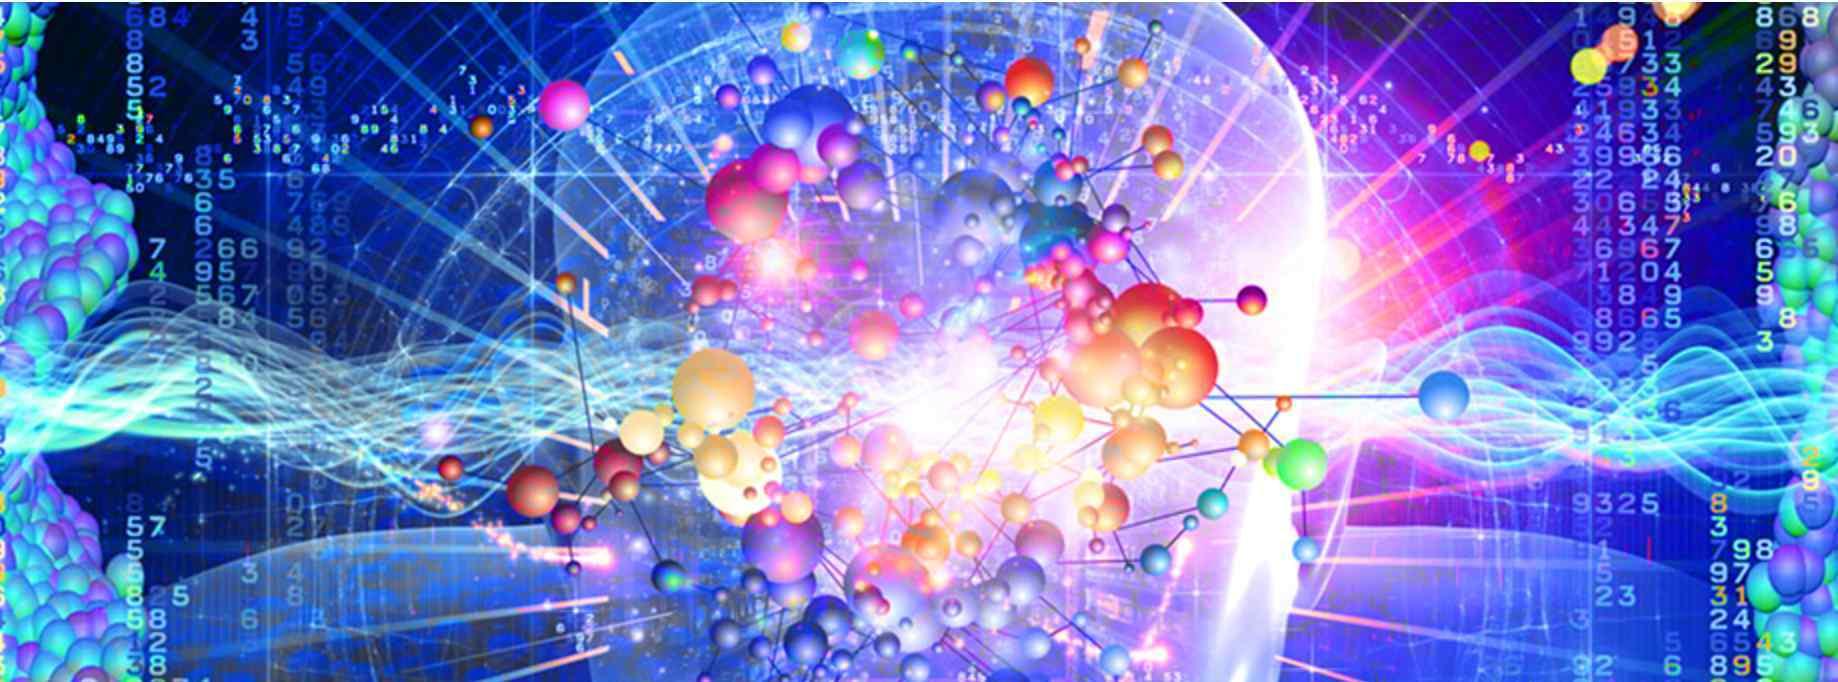 载体及构建 RNAi 载体设计与构建